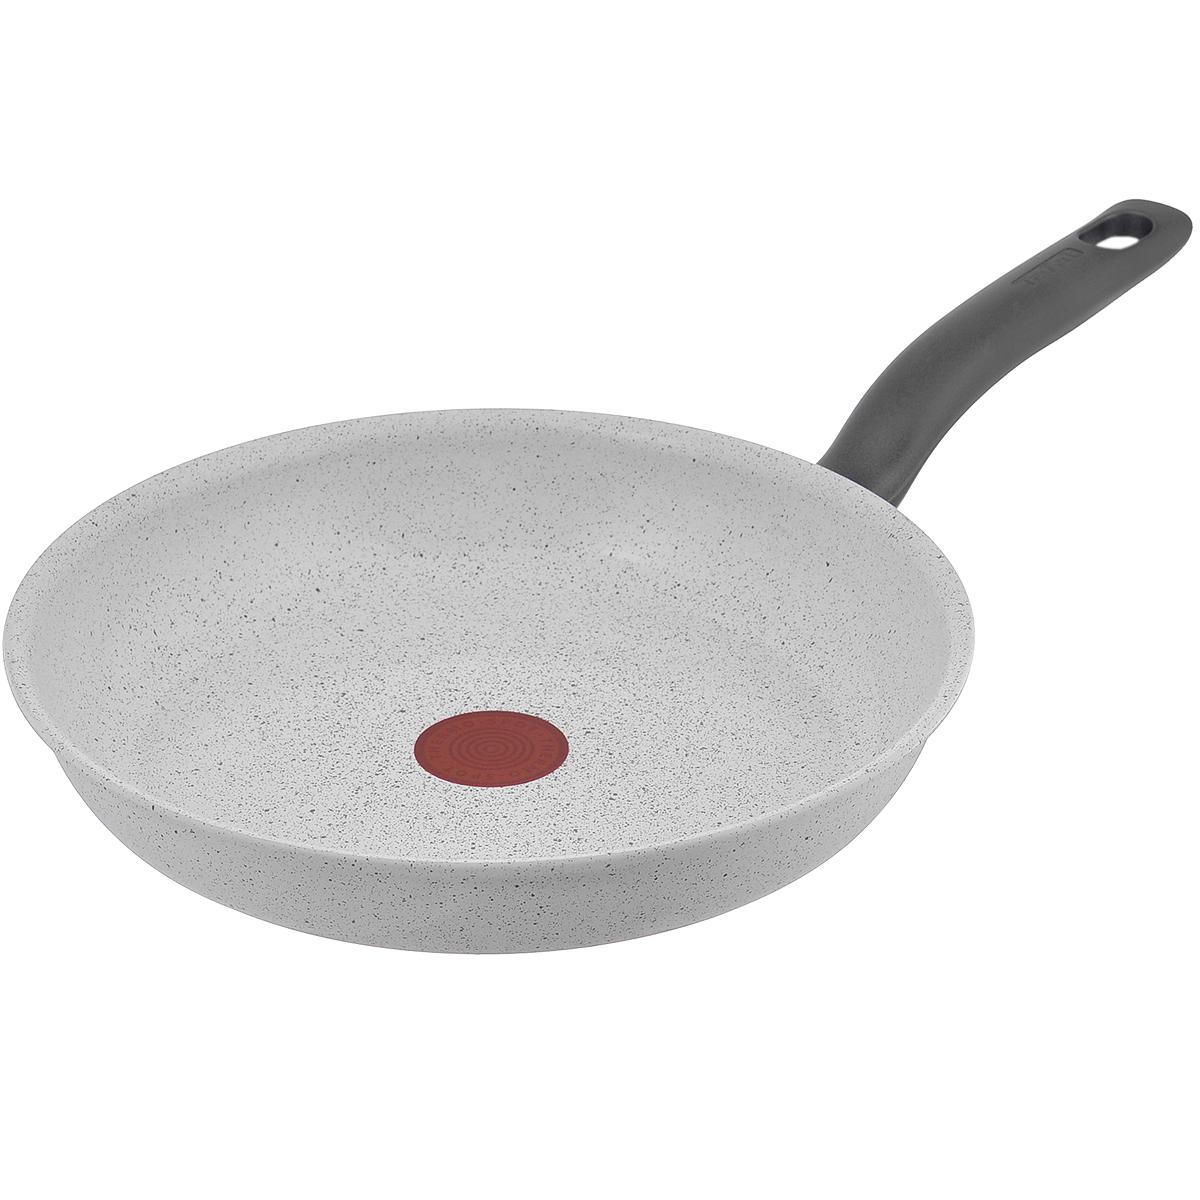 Сковорода Tefal Meteor, с керамическим покрытием, цвет: белый. Диаметр 28 см2100086788Сковорода Tefal Meteor изготовлена из алюминия с высококачественным керамическим минеральным покрытием. Сверхтвердая поверхность устойчива к появлению царапин и отличается особой прочностью, поэтому можно использовать металлические лопатки. На посуде с таким покрытием пищу можно готовить с минимальным добавлением подсолнечного масла, пища не пригорает и не прилипает к стенкам. После приготовления изделие очень легко моется. Кроме того, керамическое покрытие абсолютно безопасно для здоровья и экологично, так как не содержит кадмия, свинца и вредной примеси PFOA. Изделие подлежит переработке. Вся посуда Tefal оснащена уникальным индикатором Thermo-Spot. Когда надпись Thermo-Spot исчезнет, и диск станет равномерно красным, значит, сковорода нагрелась до оптимальной температуры, и можно начинать готовить. Такой индикатор поможет защитить посуду от перегрева, а значит, антипригарное покрытие прослужит вам дольше. Ручка эргономичной формы изготовлена из бакелита серого цвета....